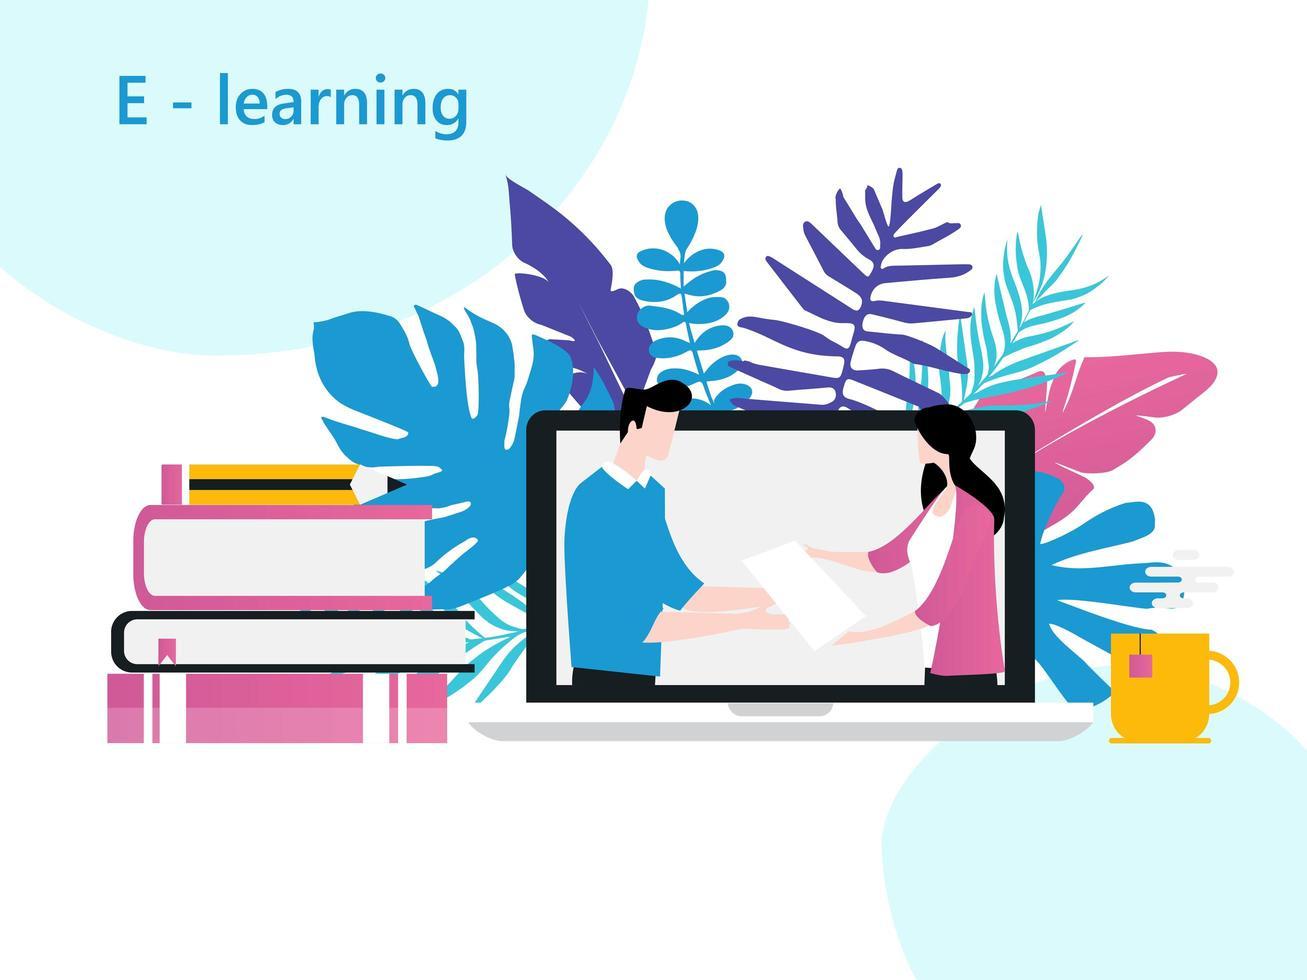 online klassen, online school, e-learning, thuisstudie, onderwijs op afstand, virtueel klaslokaal vector